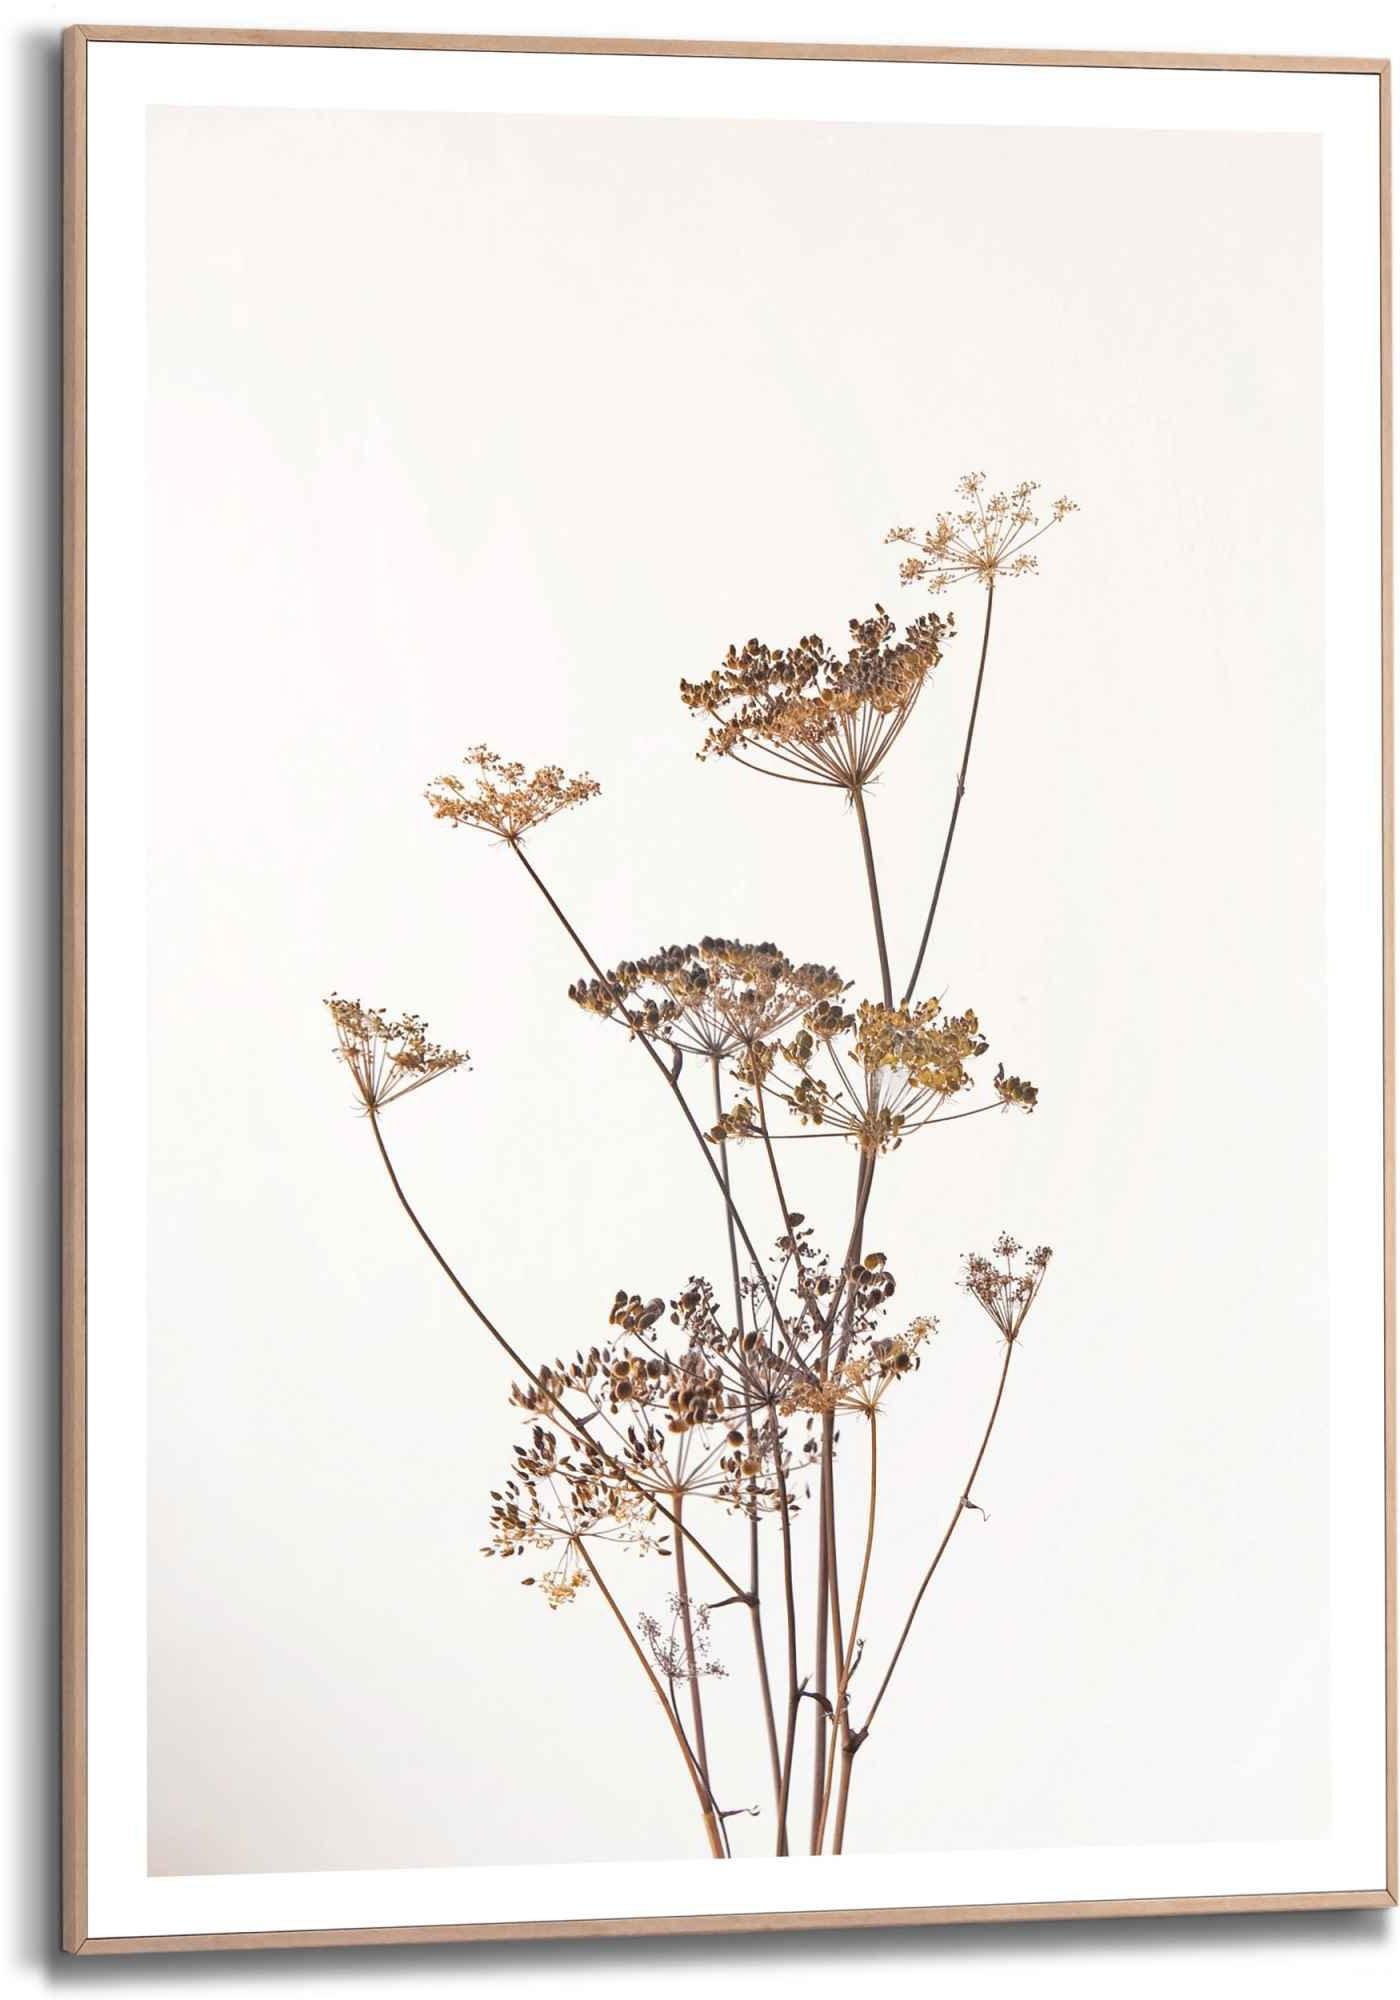 Reinders! wanddecoratie Gerahmtes Bild Bärenklau Natur - Pflanz - Getrocknet - Blumen (1 stuk) in de webshop van OTTO kopen